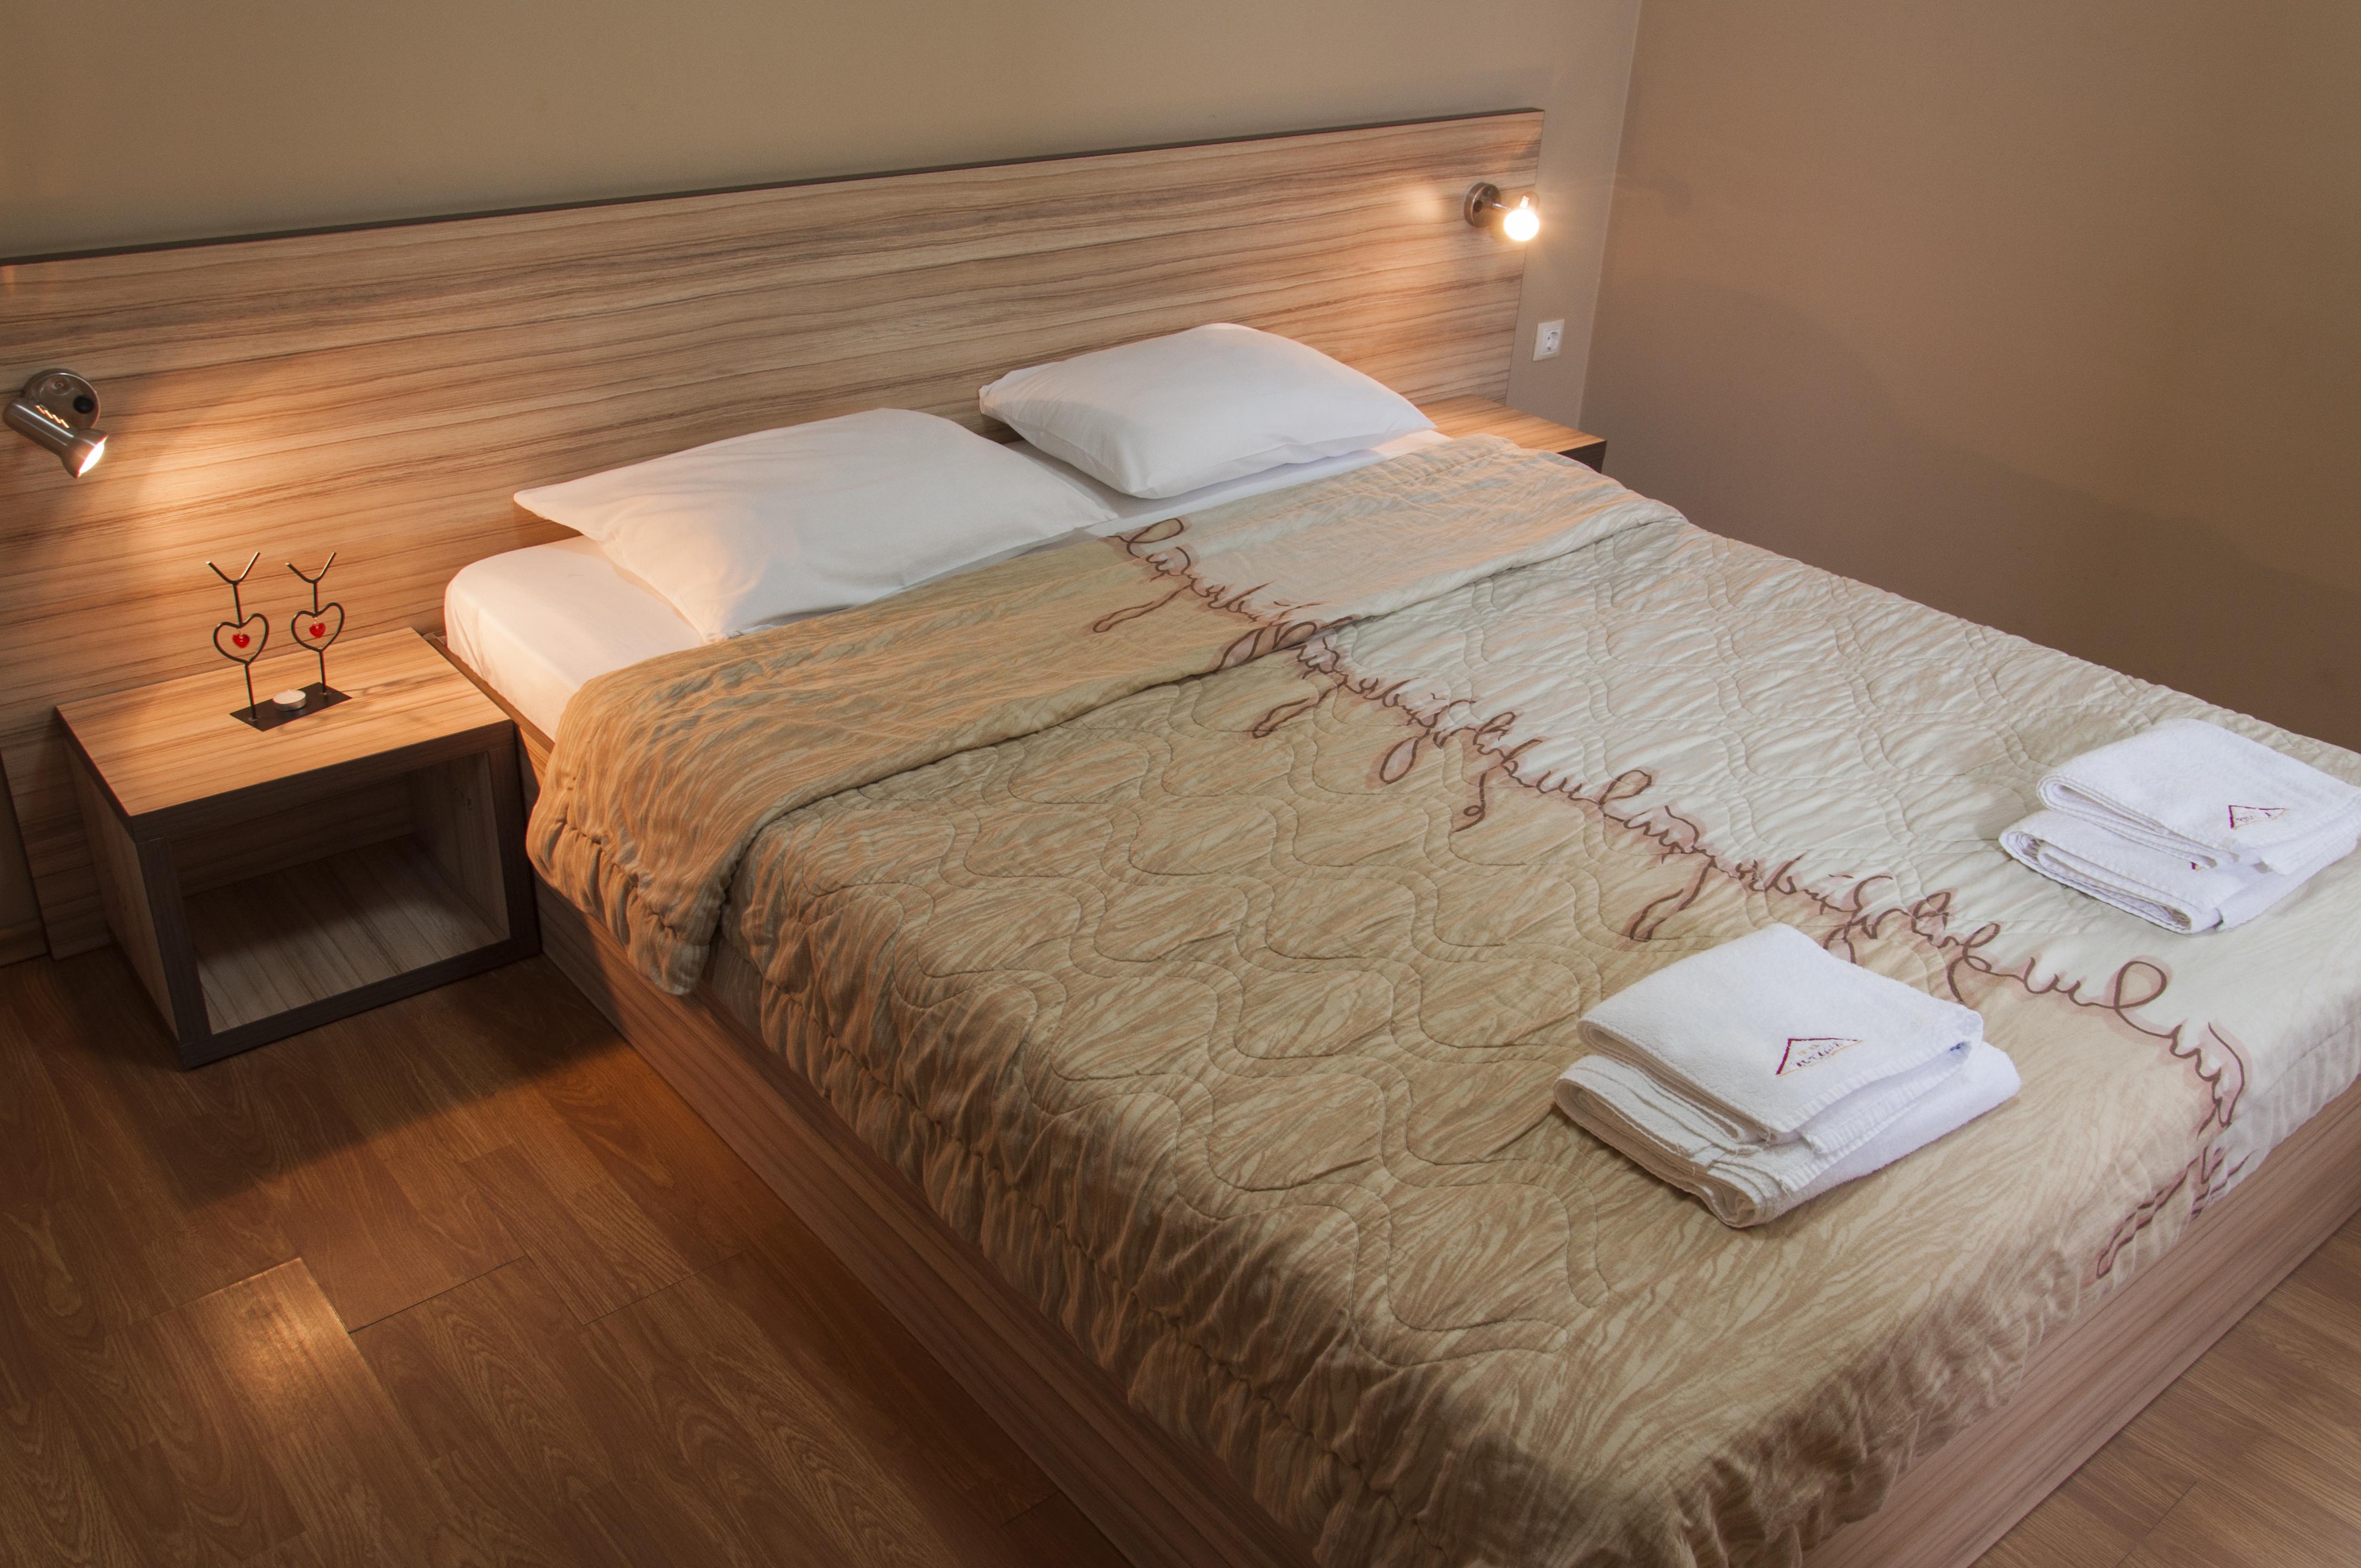 Single_Standard_Room_Pautalia